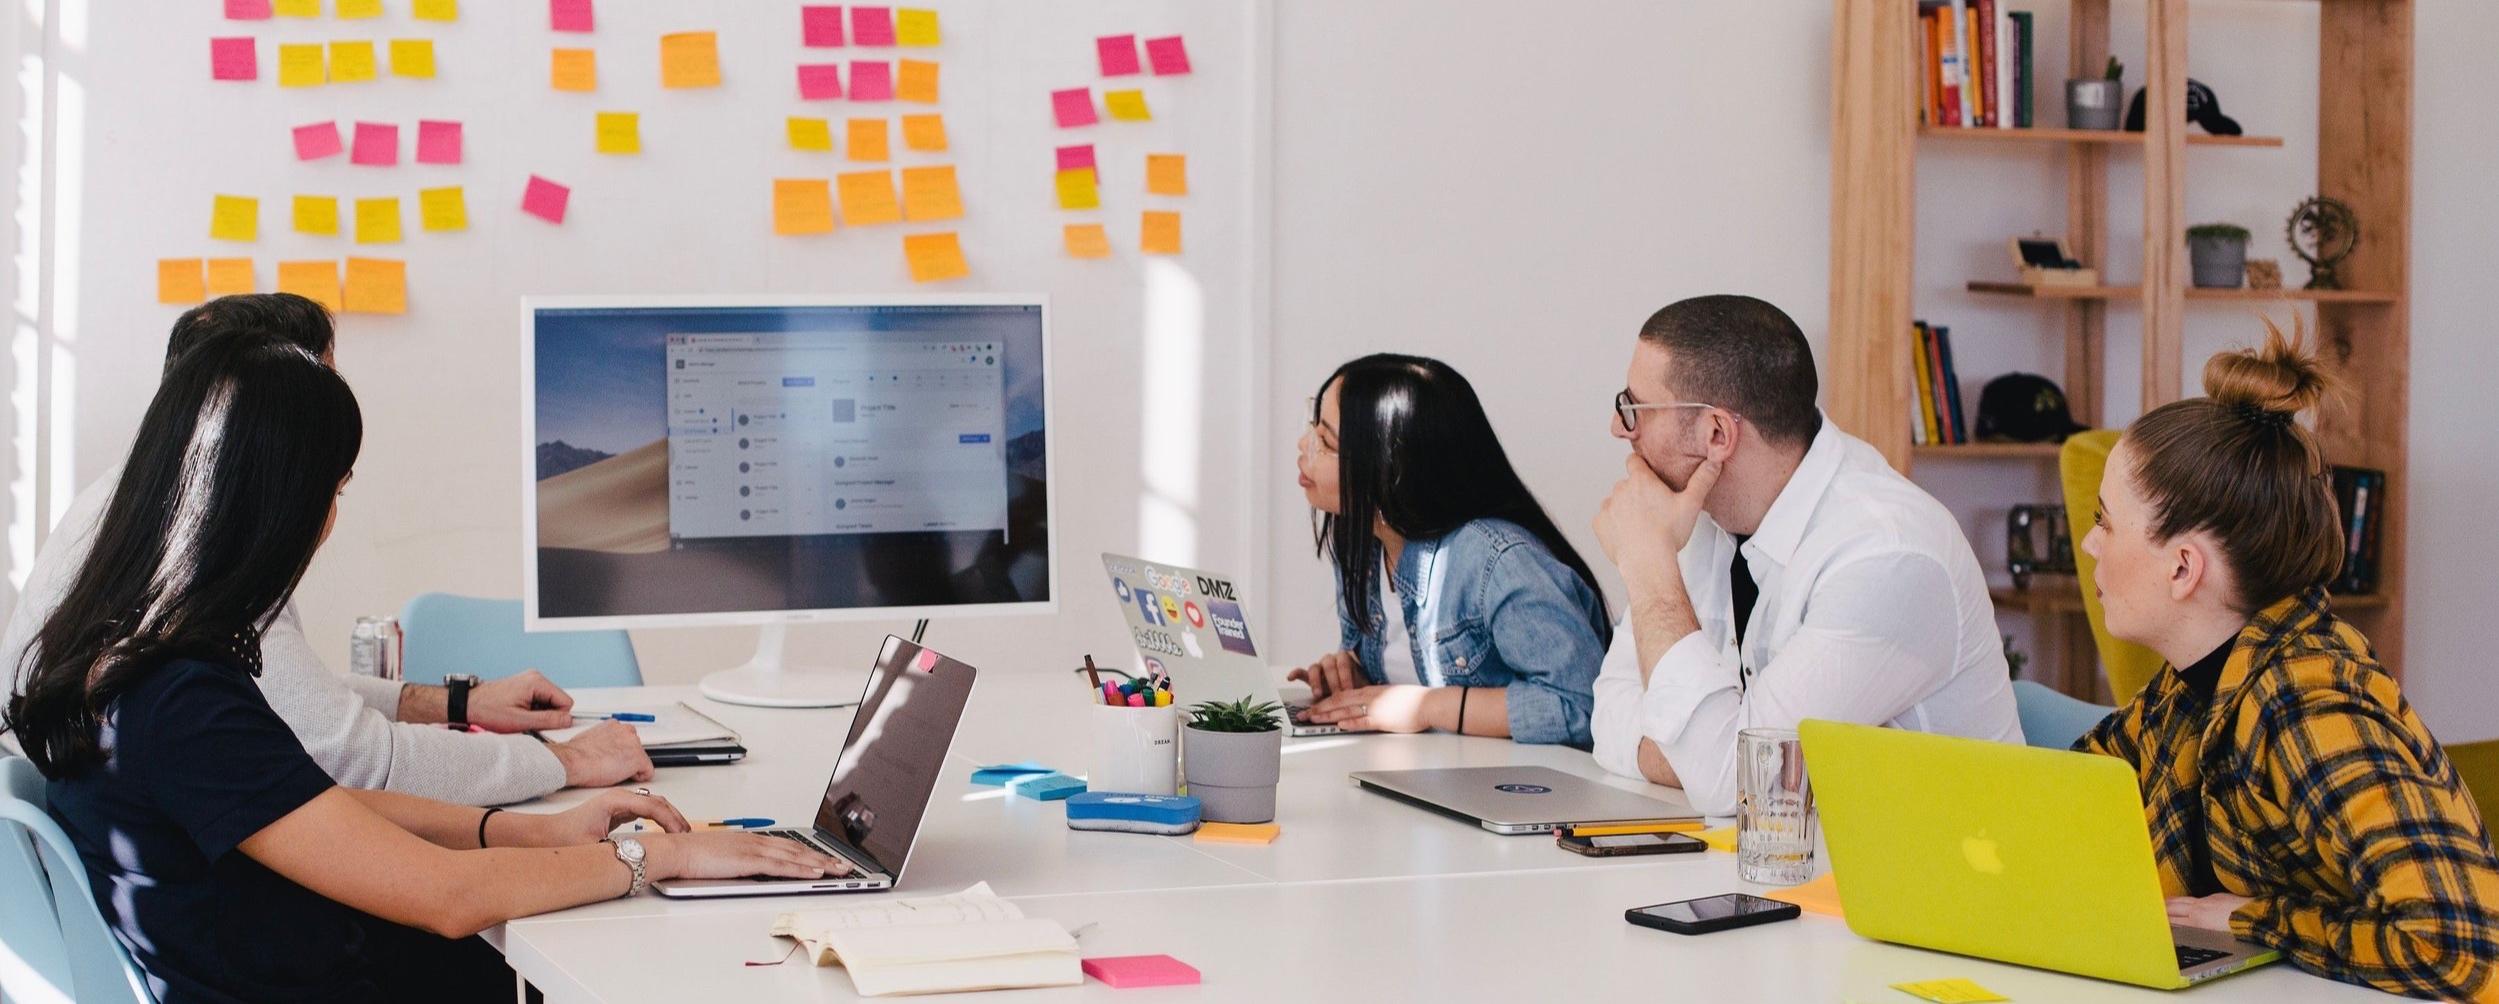 startup-job-board-for-women.jpg